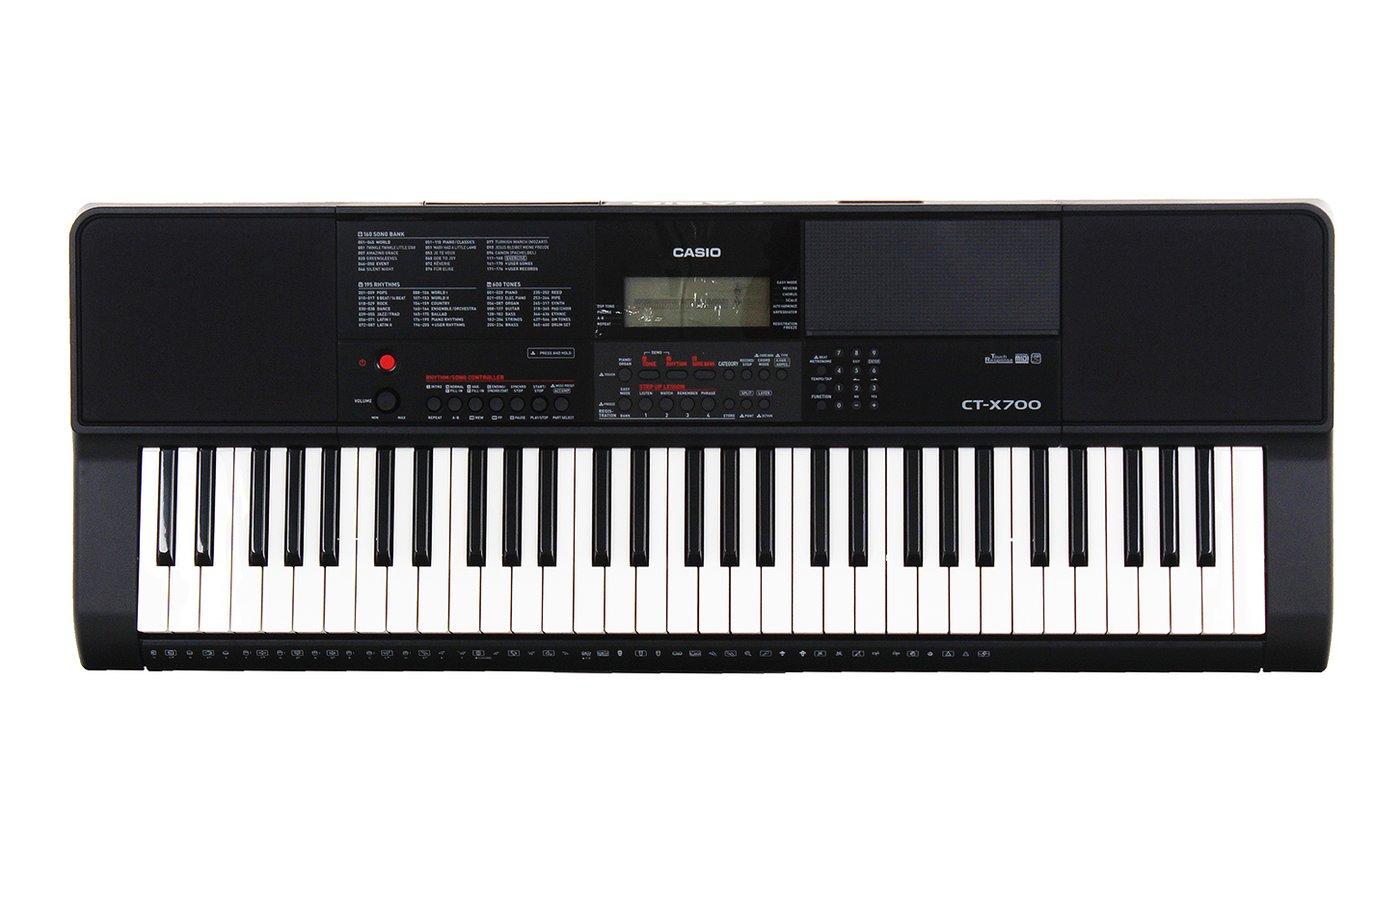 все цены на Цифровой синтезатор Casio CT-X700, черный онлайн